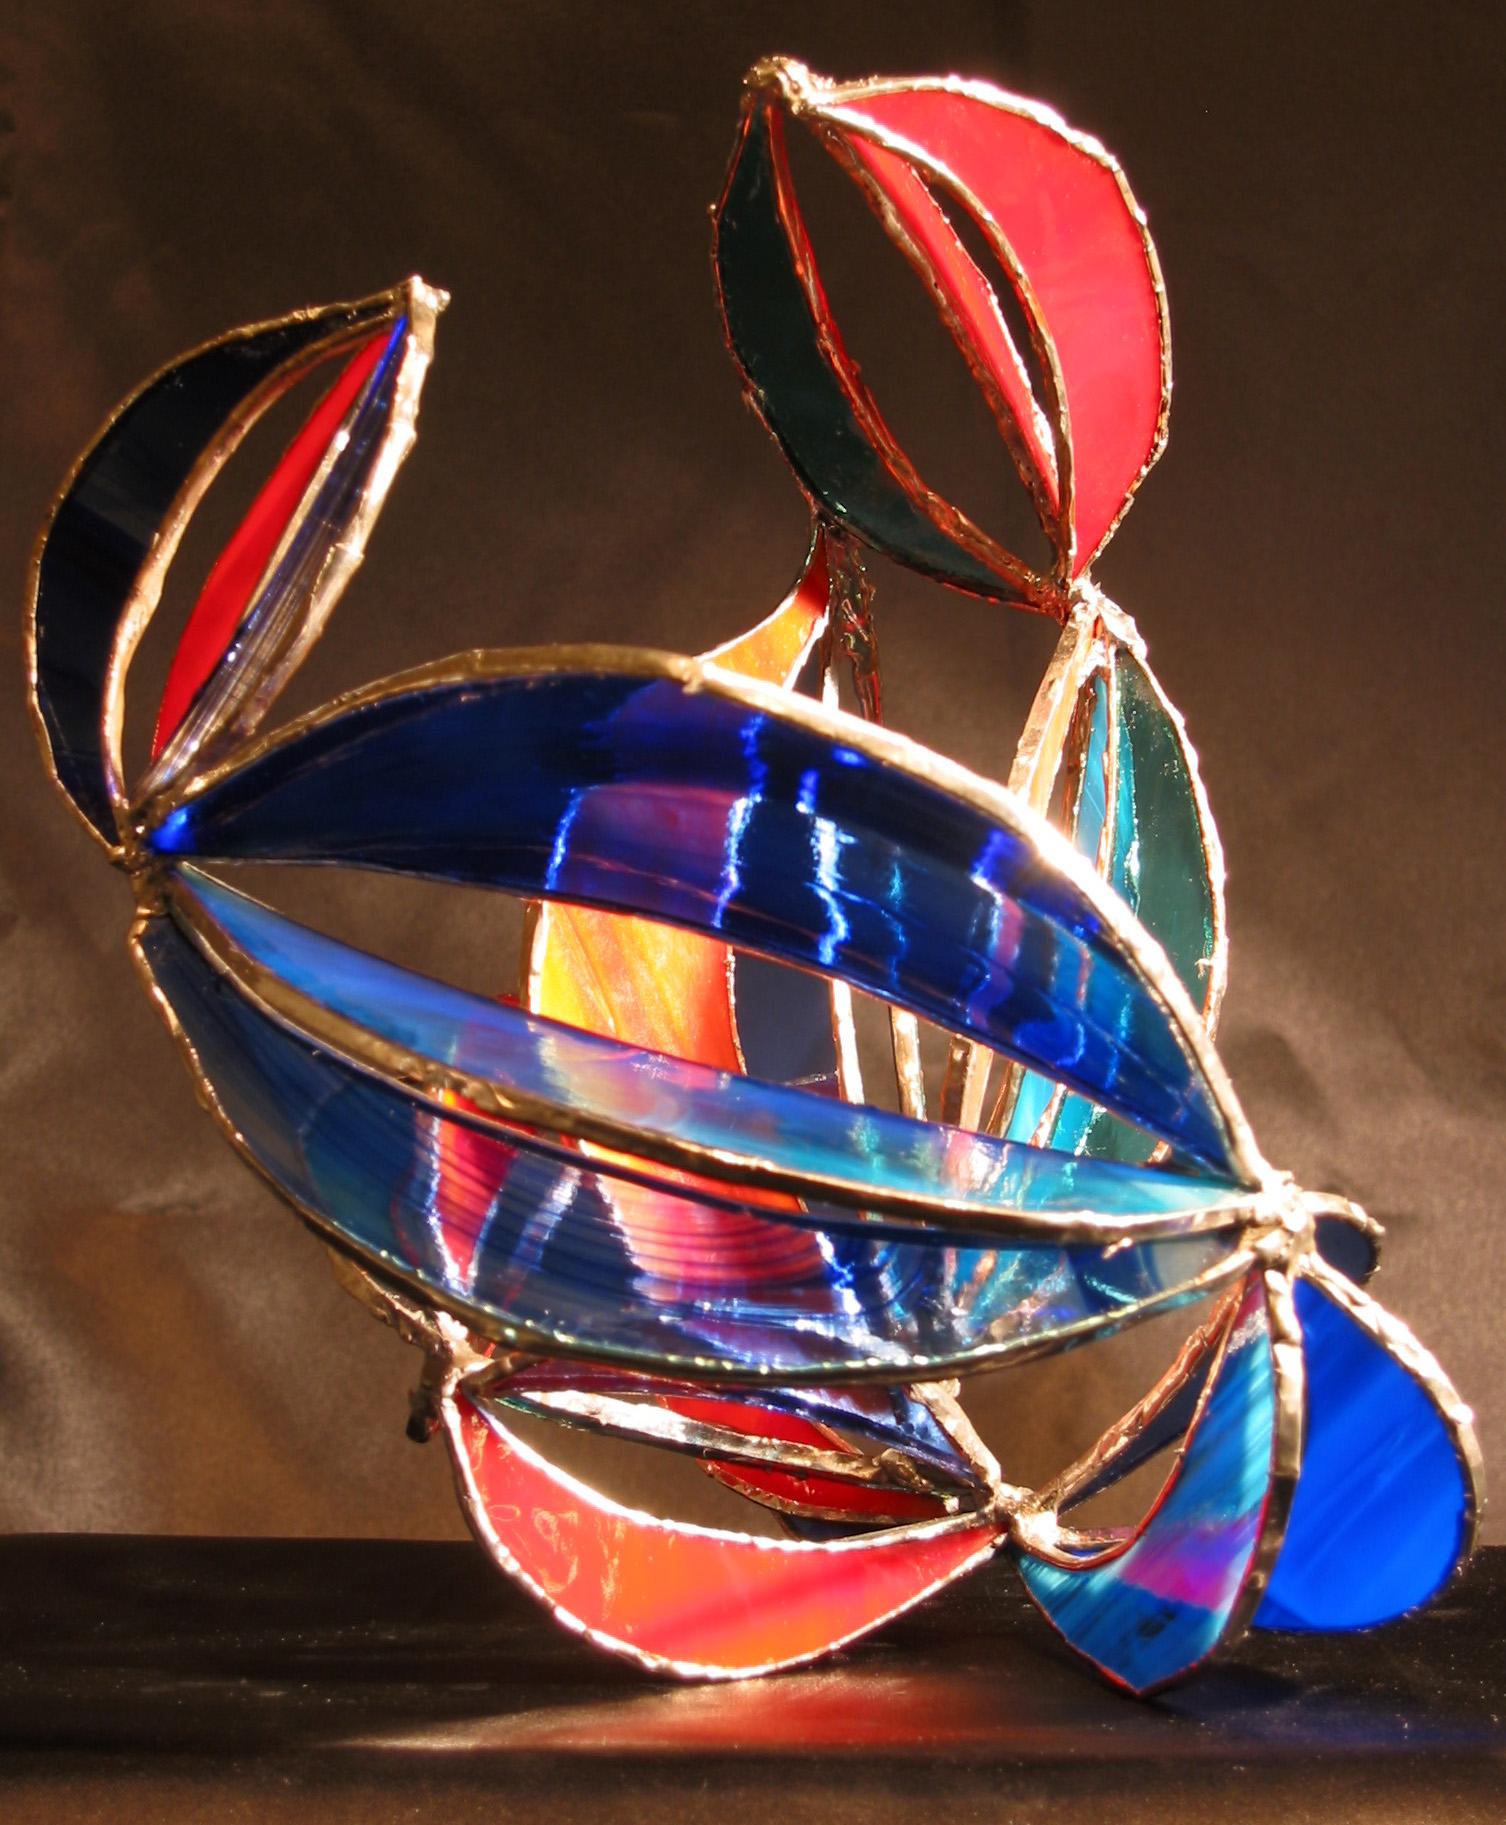 Biomorphic sculpture